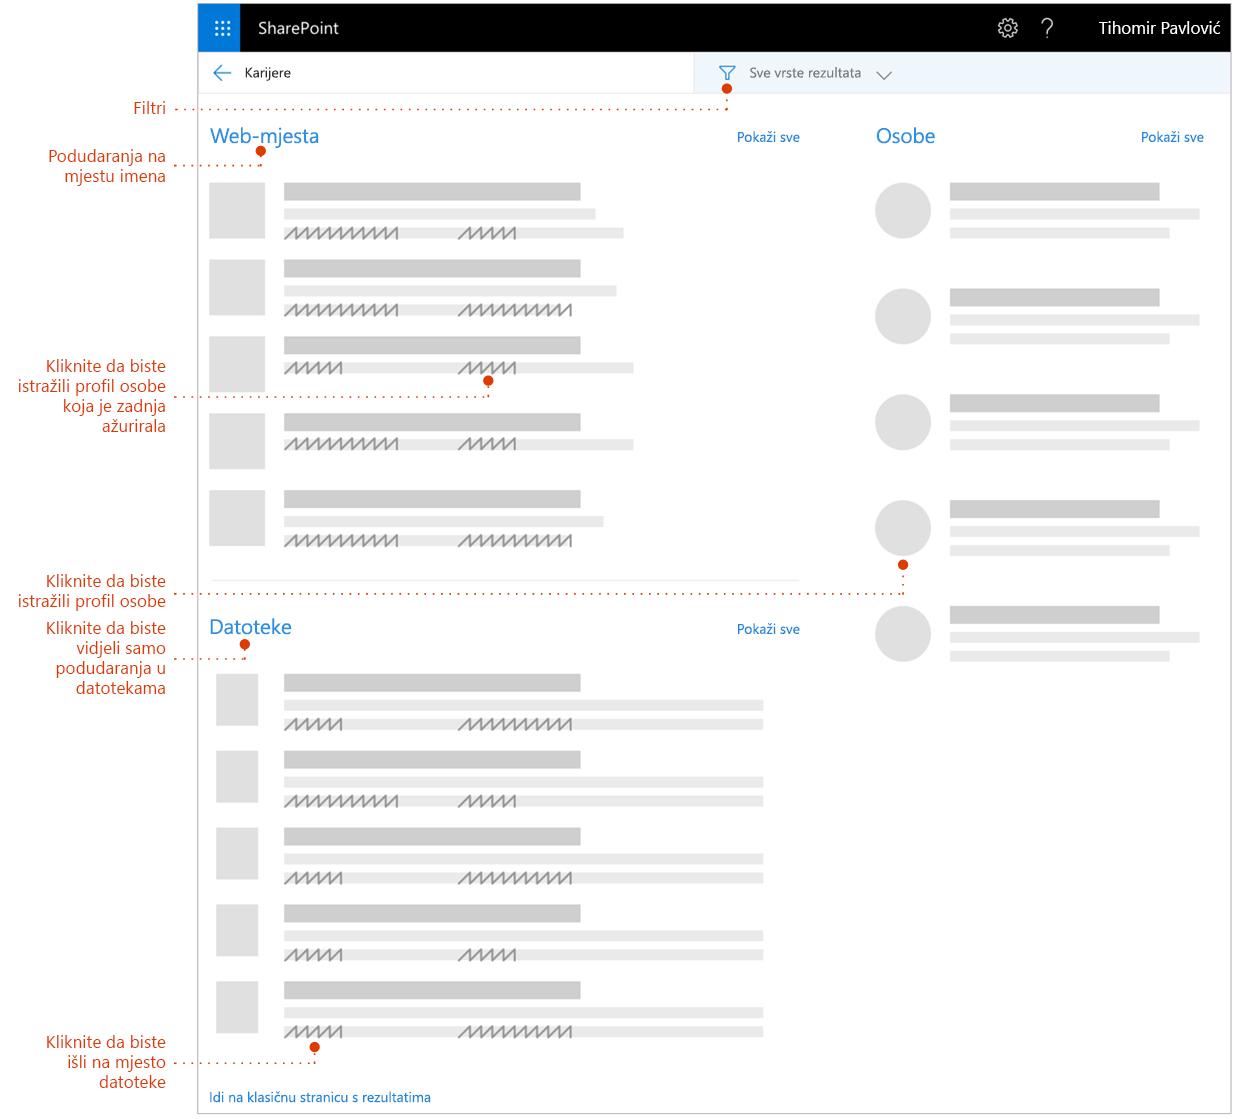 Snimka zaslona rezultata pretraživanja stranica s pokazivači elemenata za istraživanje.